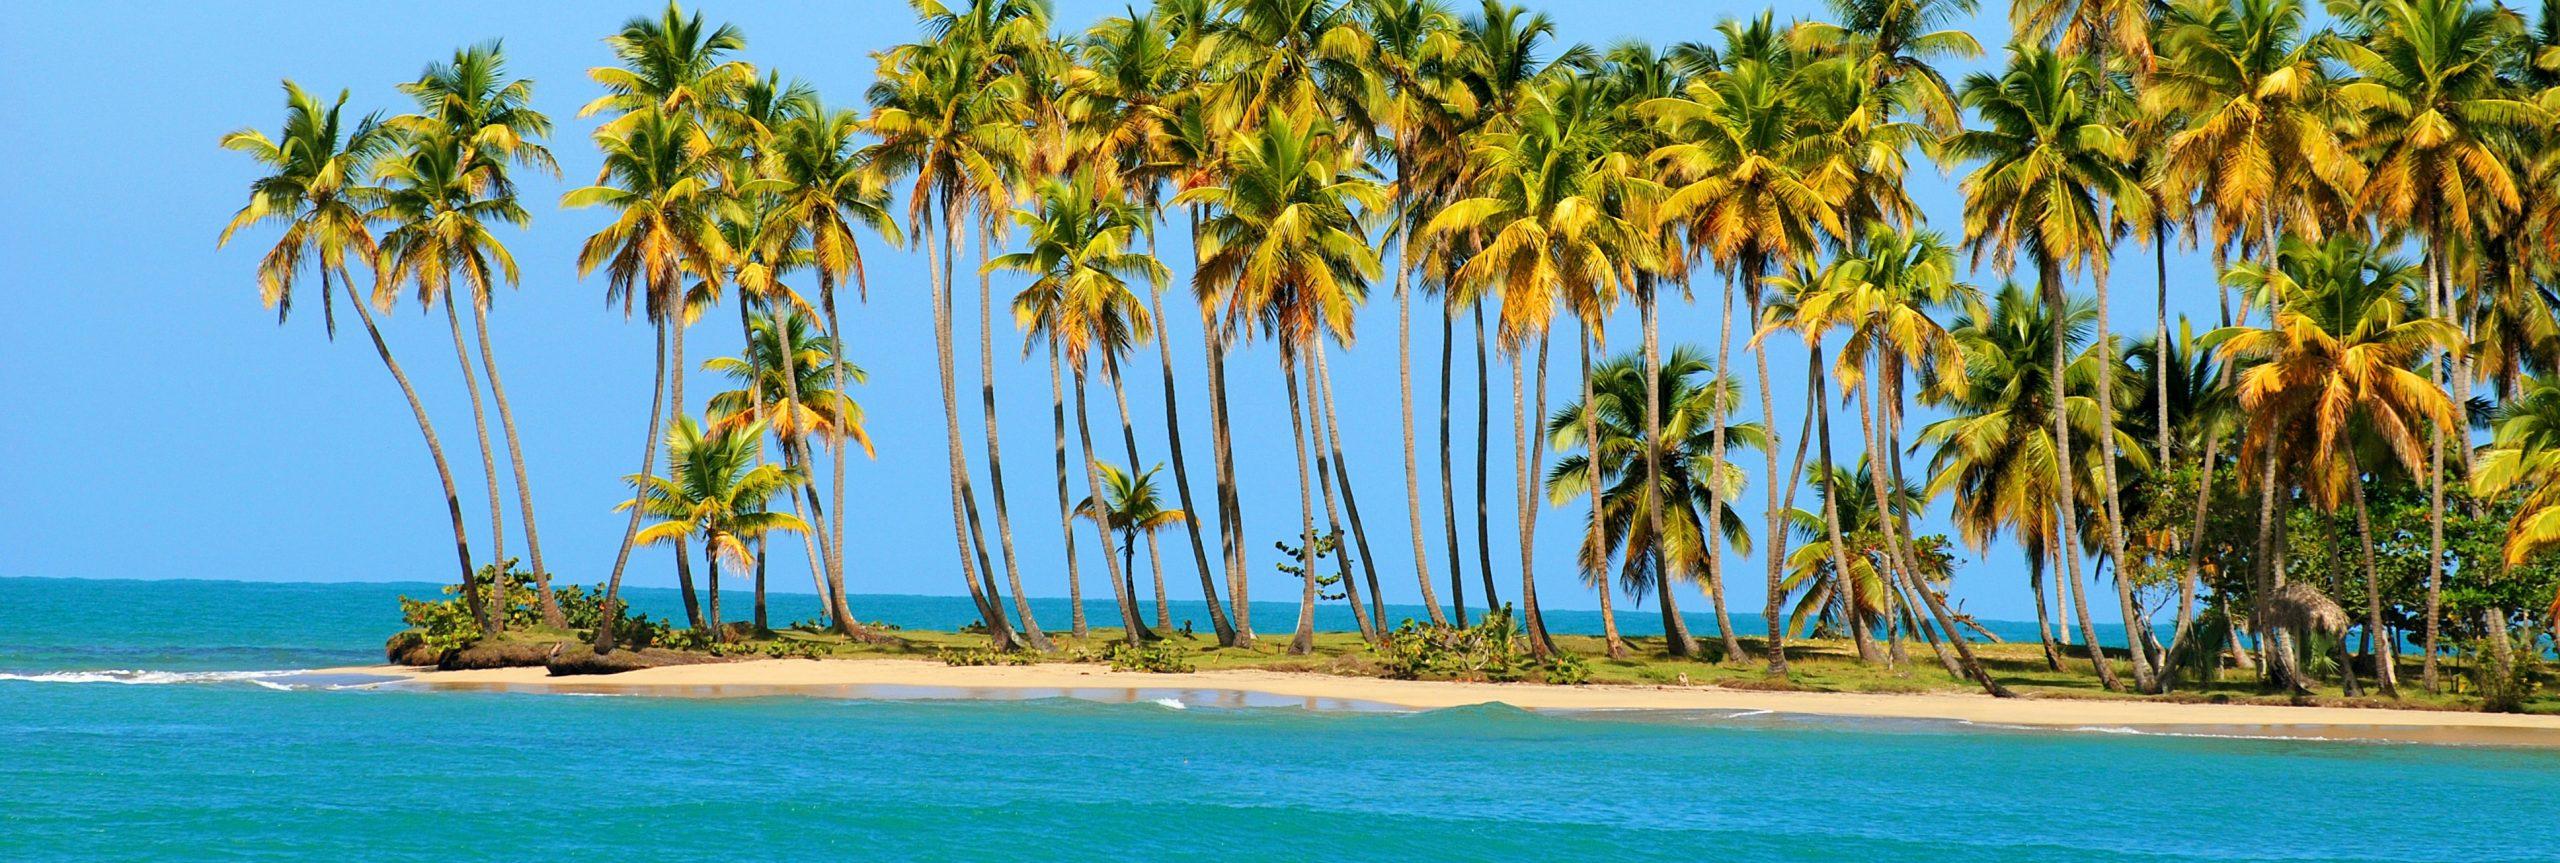 Dominicaanse republiek - bountystranden - De Planeet Reizen